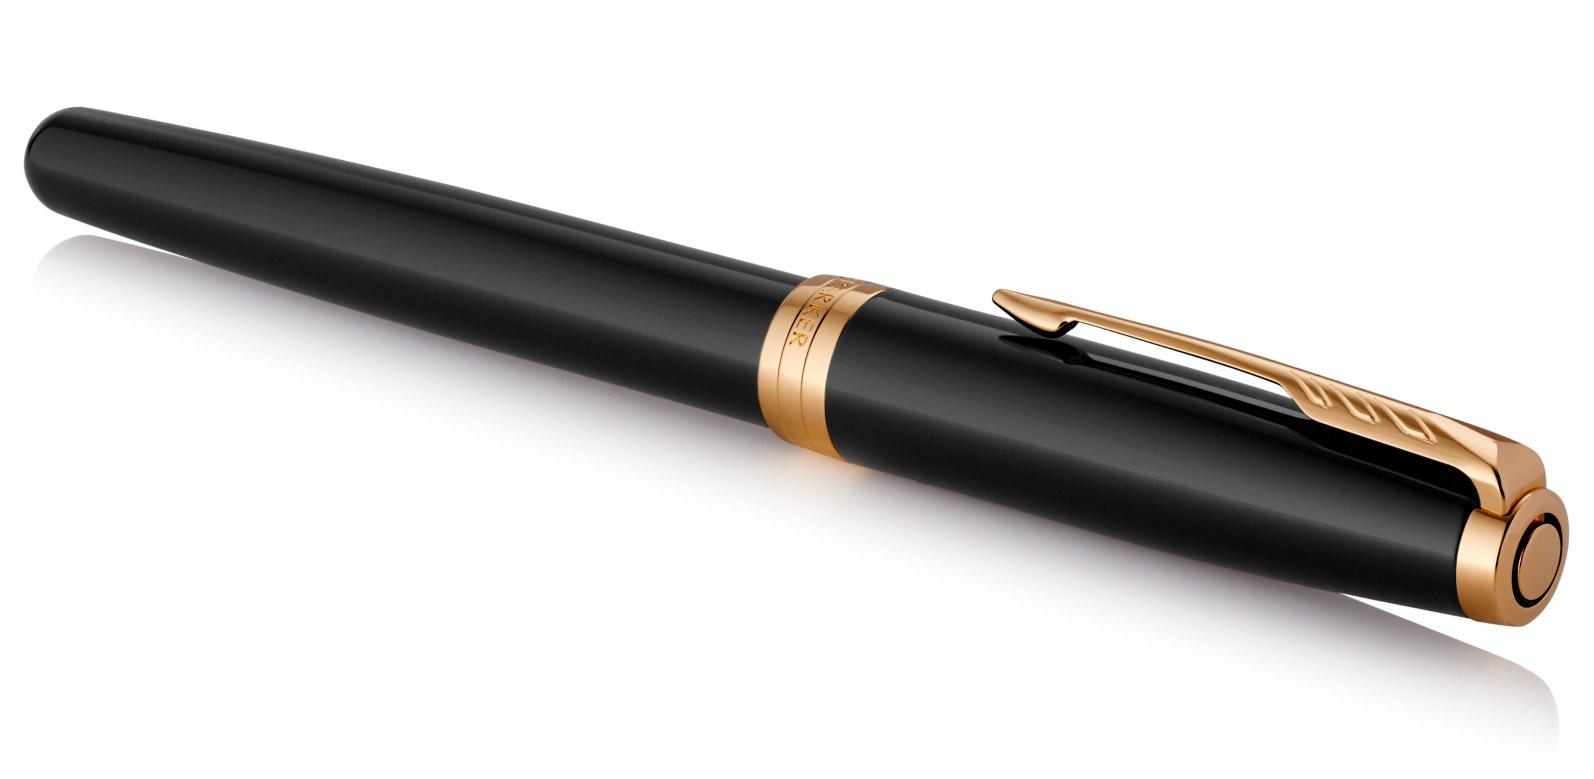 Набор Parker Sonnet GIFT 20 (2121991) Black GT ручка перьевая М черные  чернила